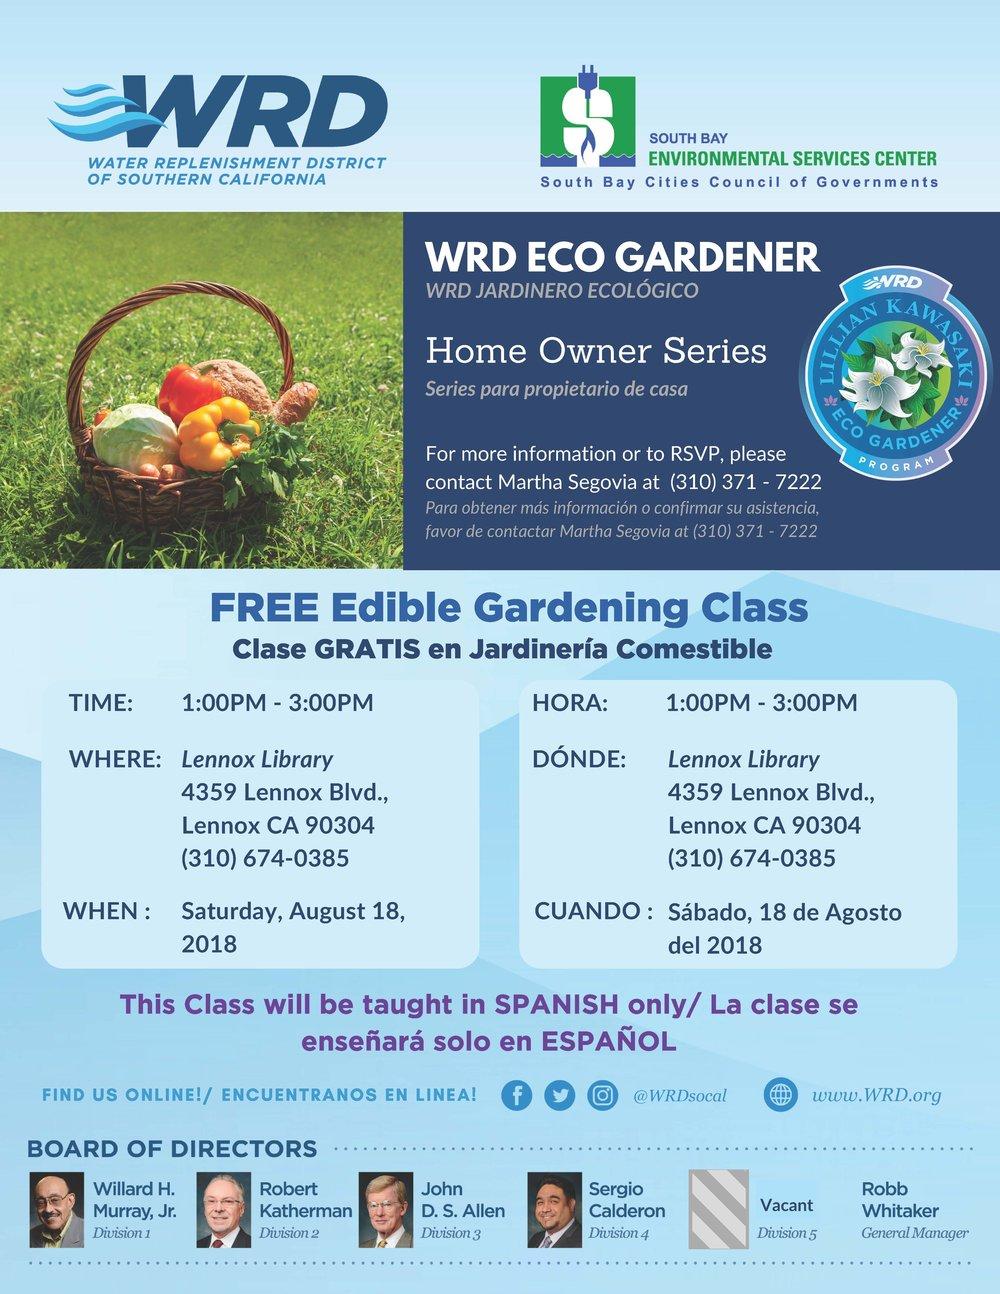 Free Edible Gardening Class